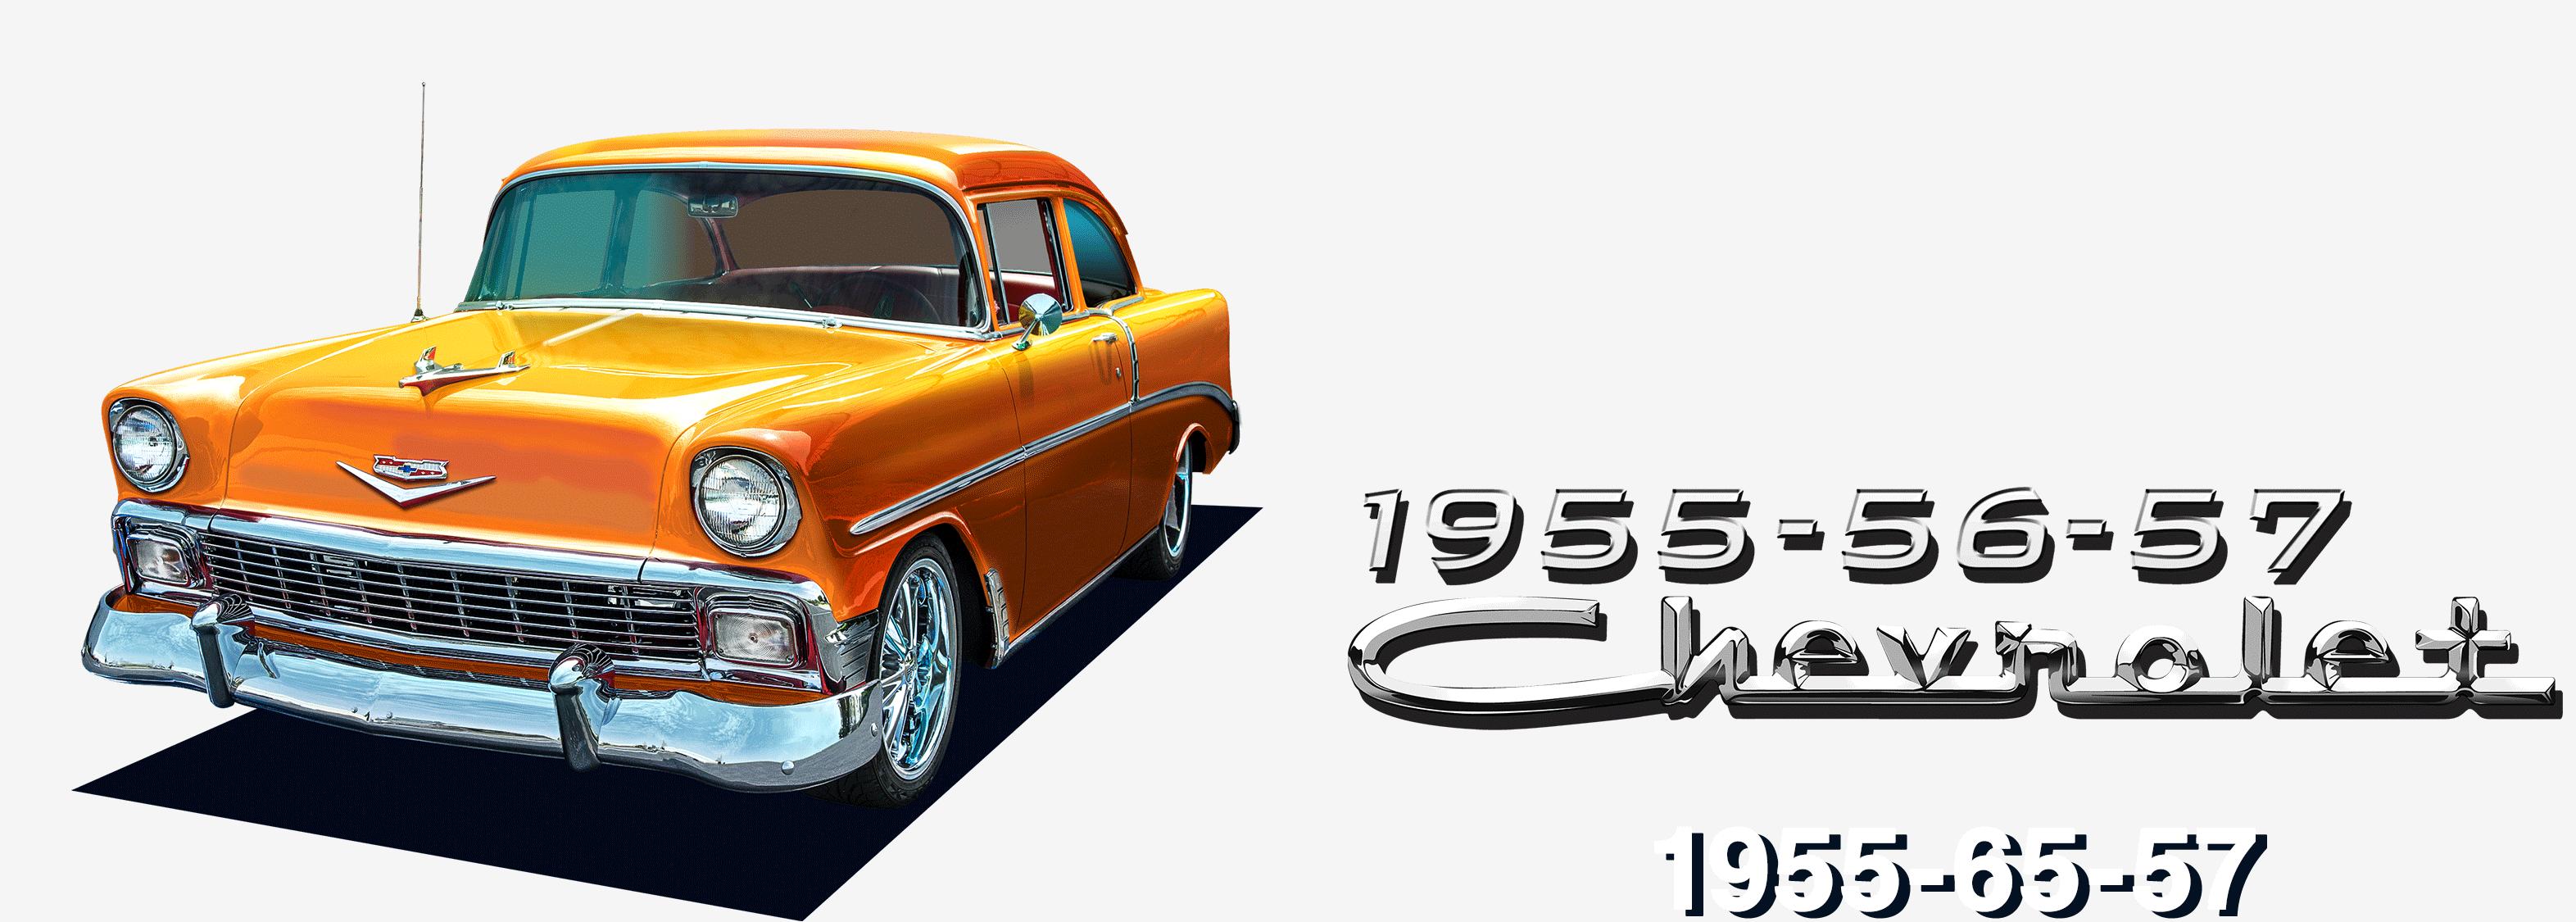 Großartig 1969 Chevy Lkw Schaltplan Zeitgenössisch - Elektrische ...